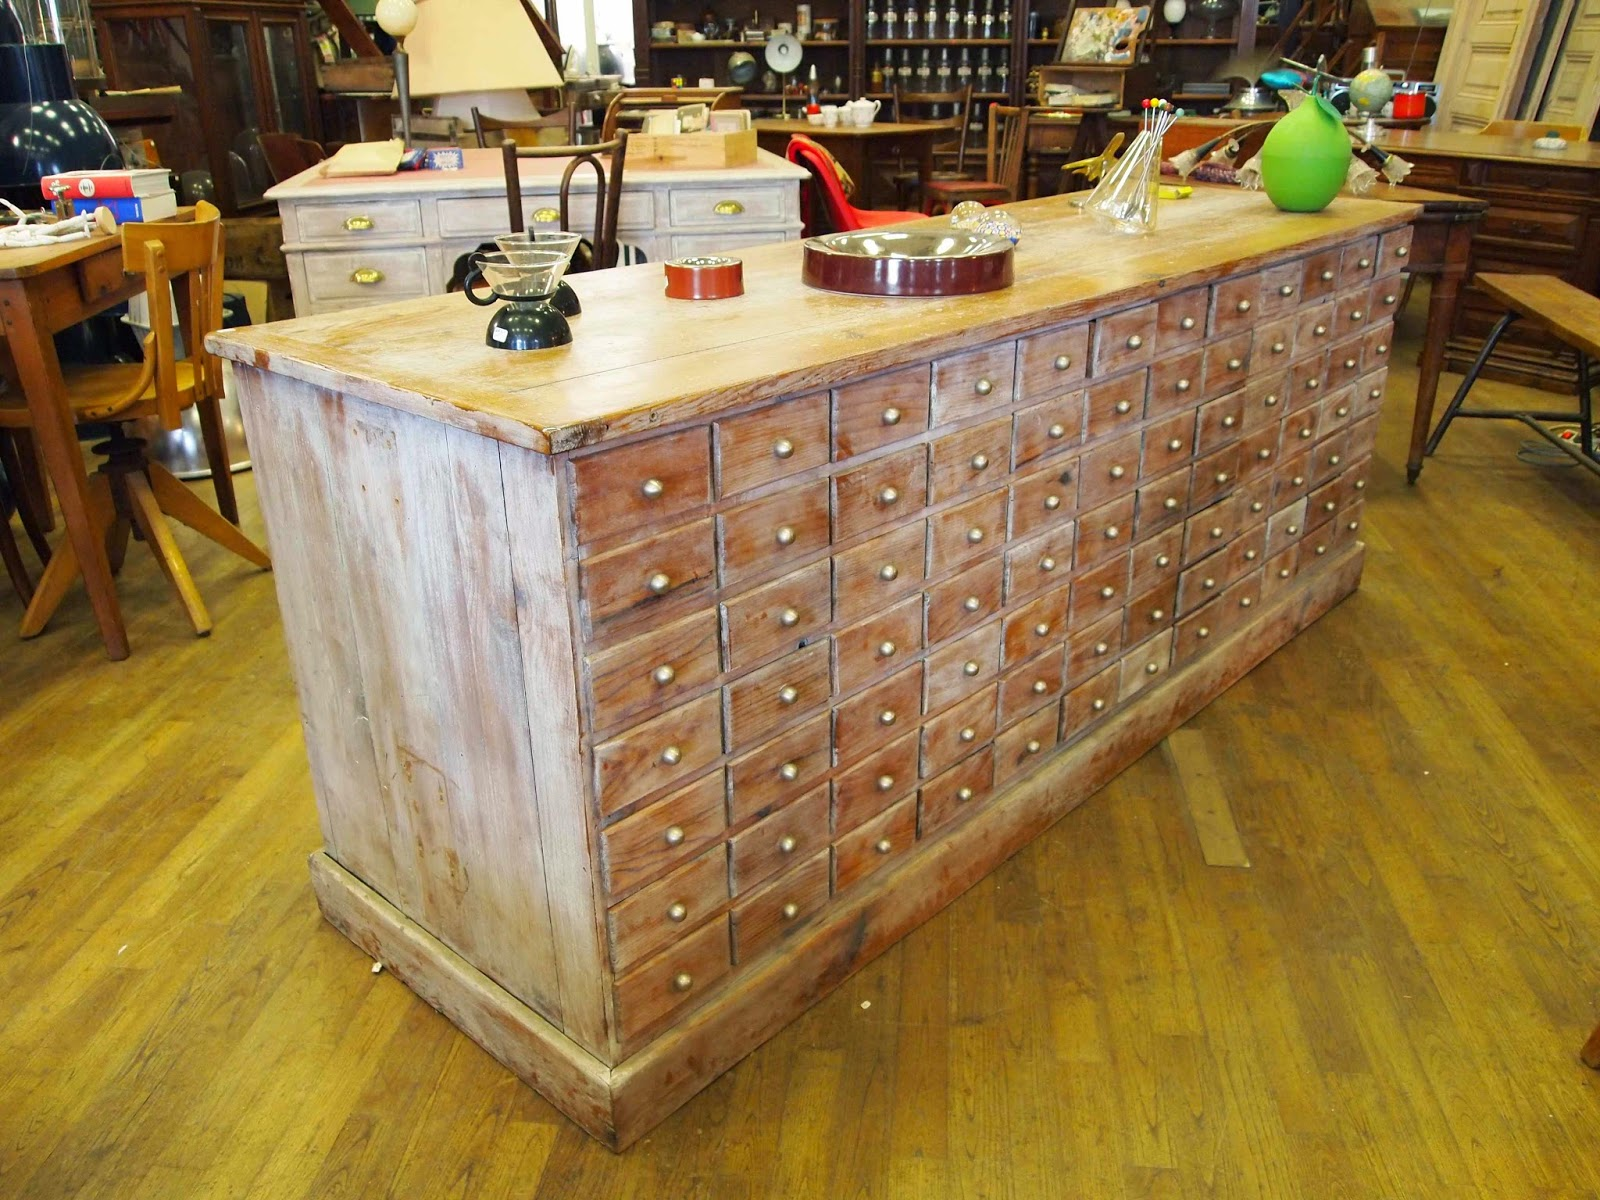 L 39 atelier thibauld watripont meubles de m tier for Meuble quincaillerie tiroirs